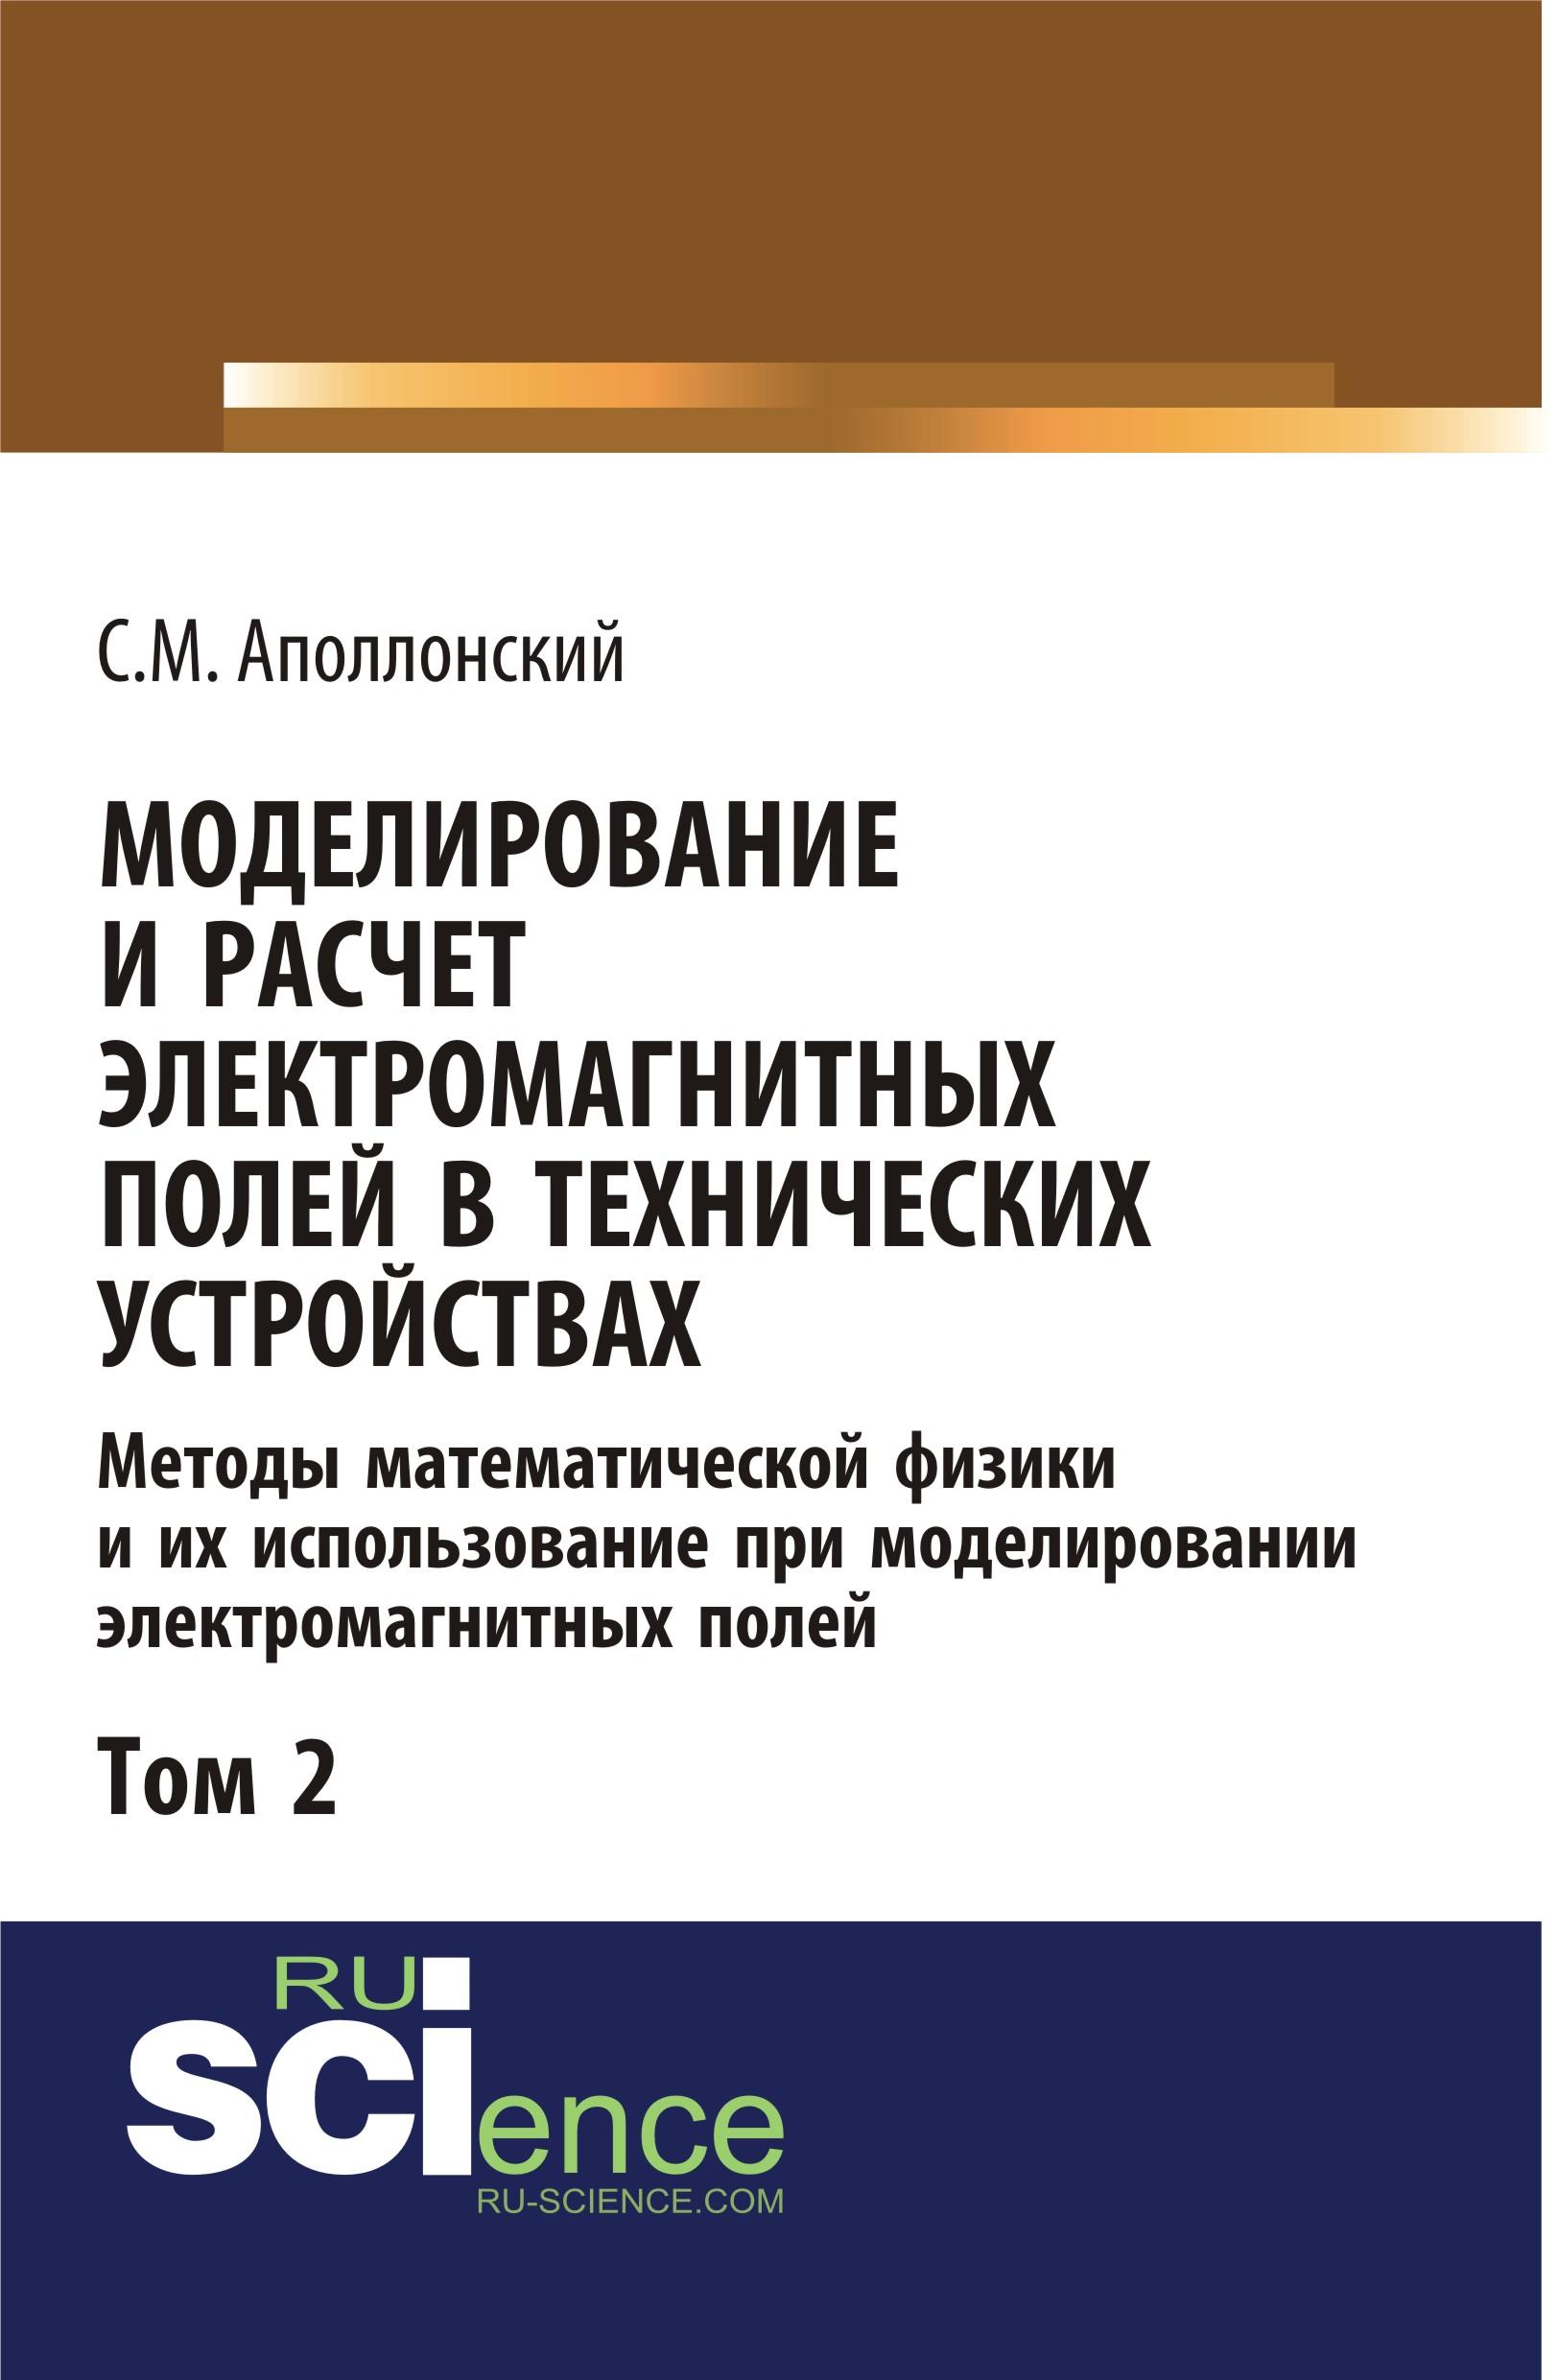 С. М. Аполлонский Моделирование и расчёт электромагнитных полей в технических устройствах. Том II с м аполлонский моделирование и расчёт электромагнитных полей в технических устройствах том i